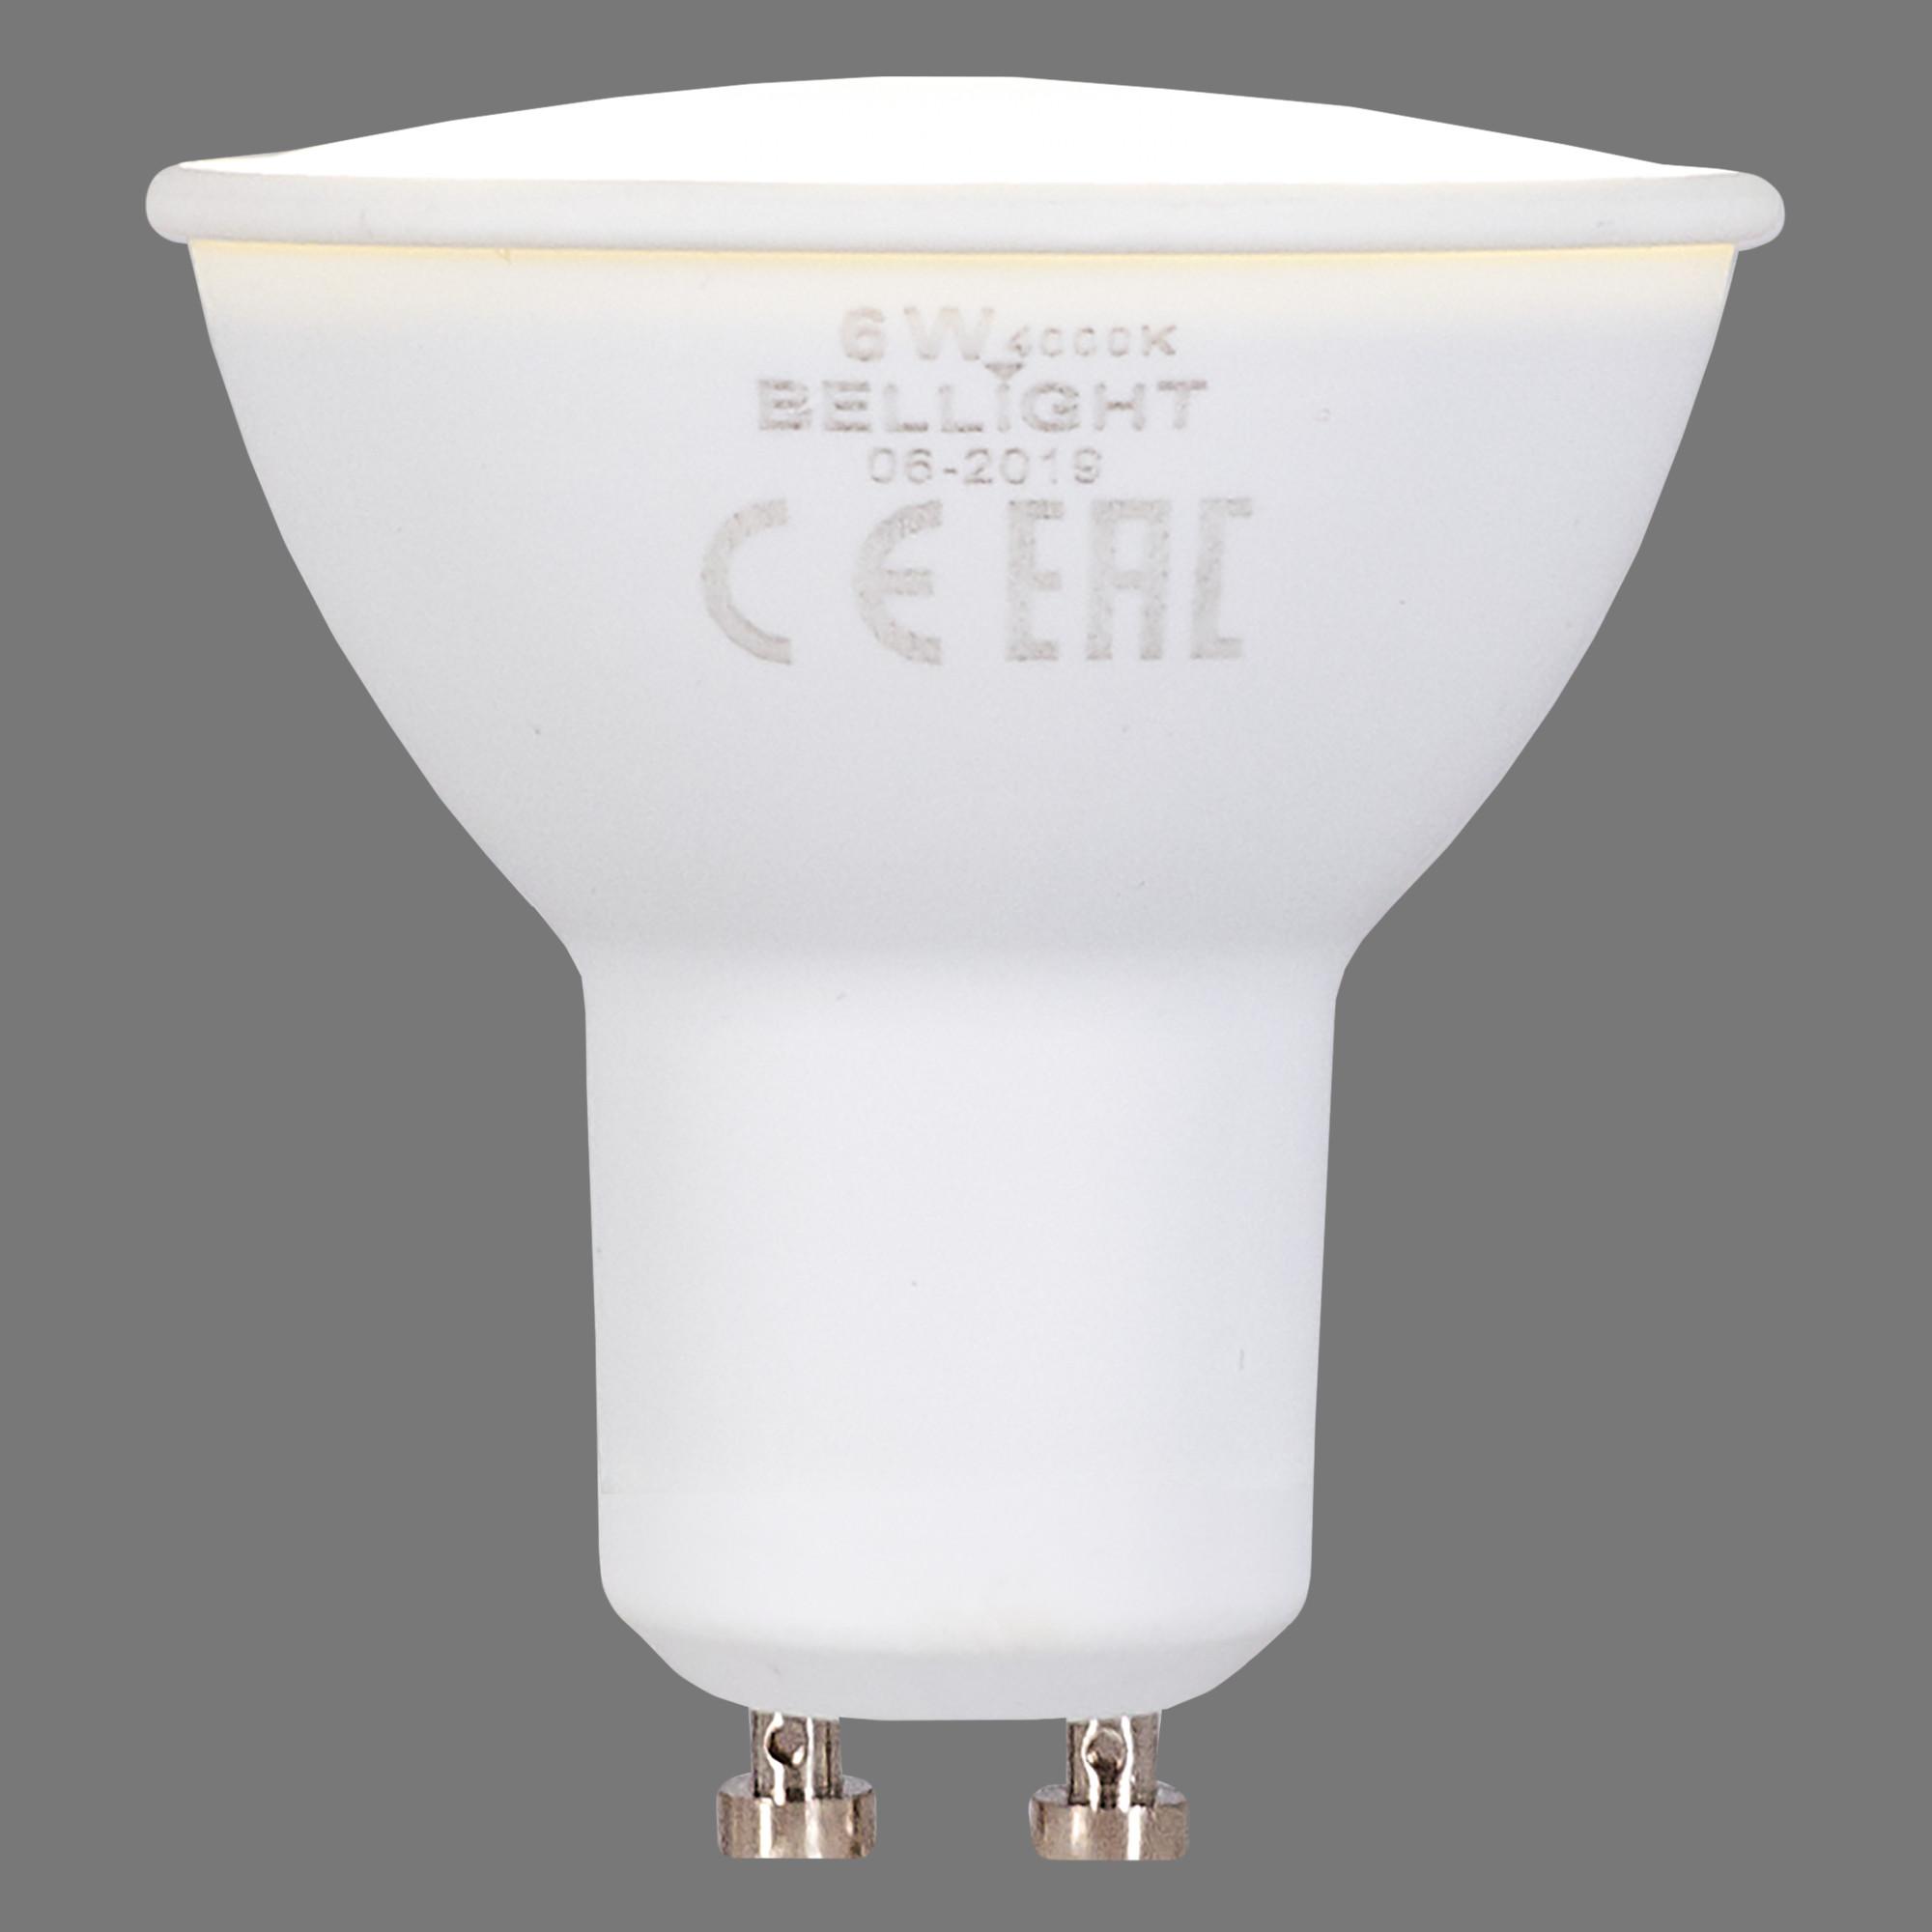 Лампа светодиодная Bellight GU10 220-240 В 6 Вт 420 лм белый свет